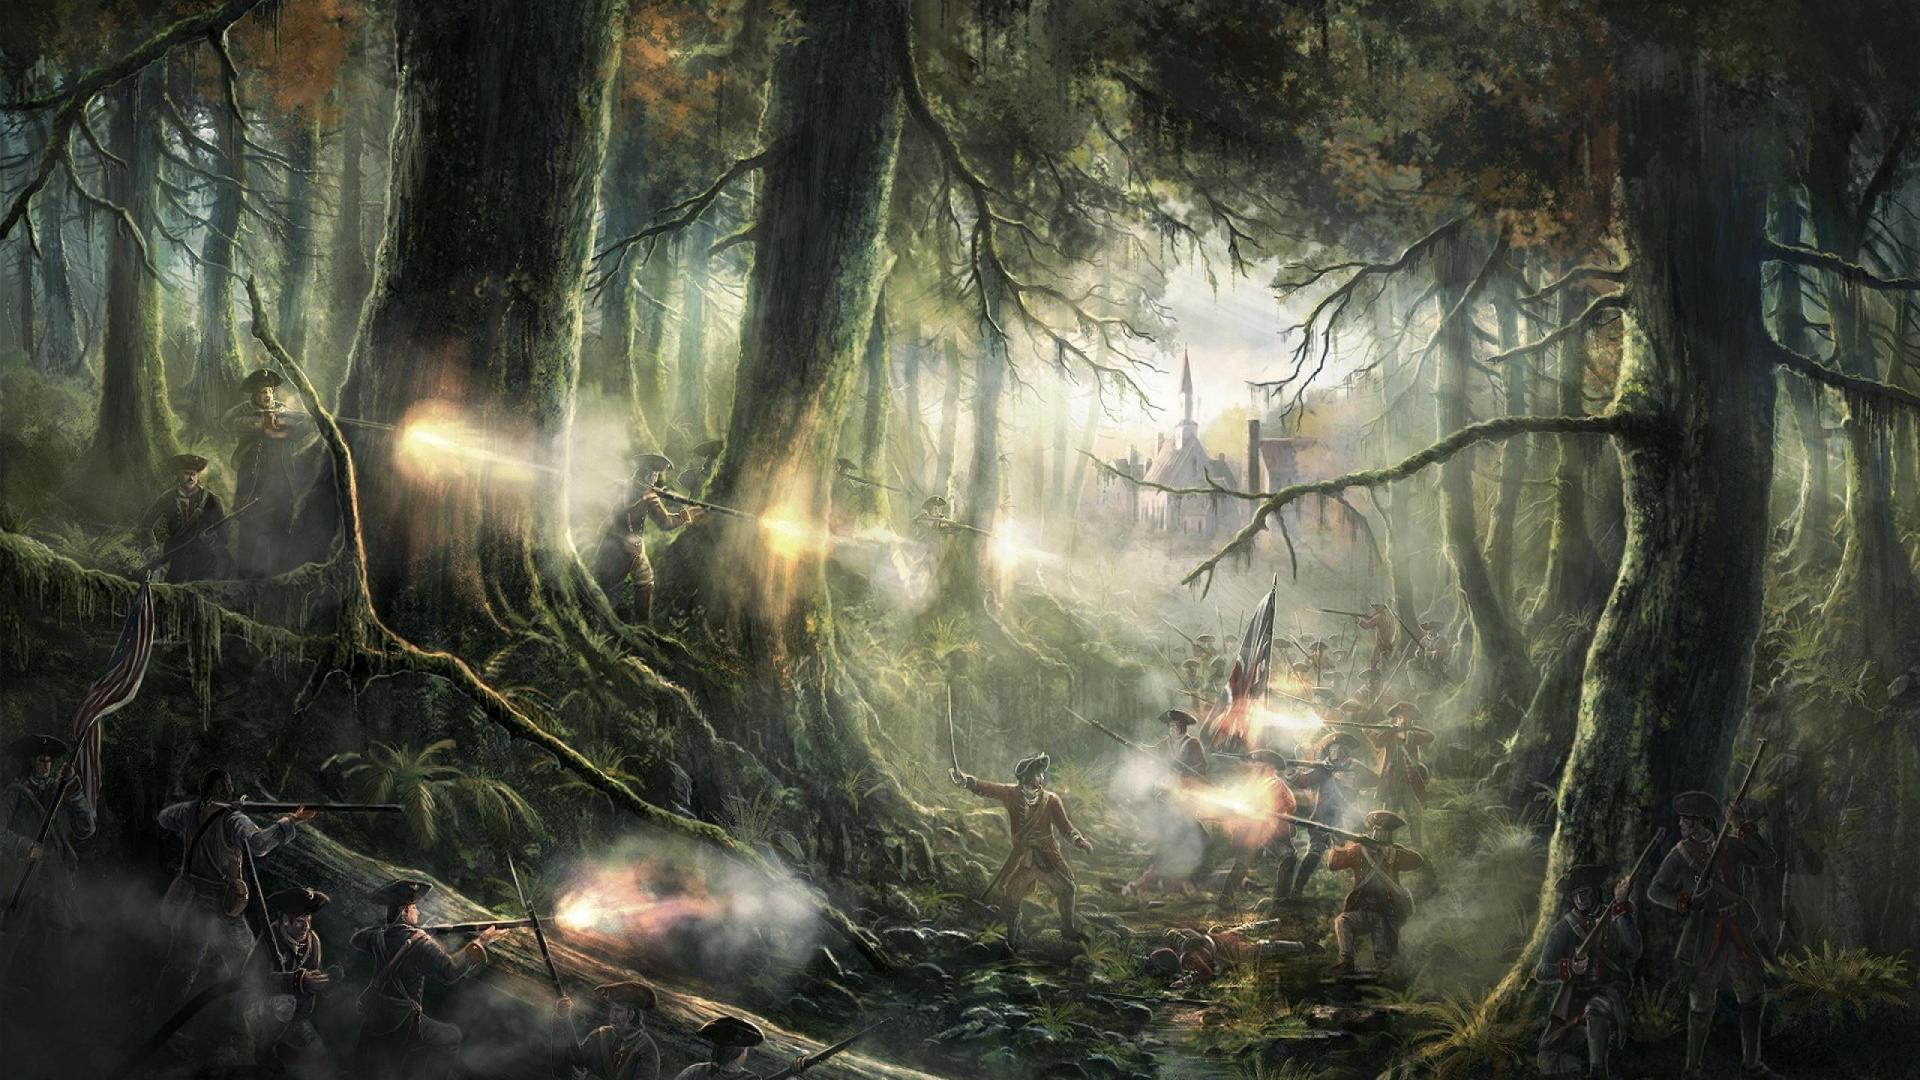 Hình nền rừng tưởng tượng 1920x1080 - Hình nền máy tính HQ